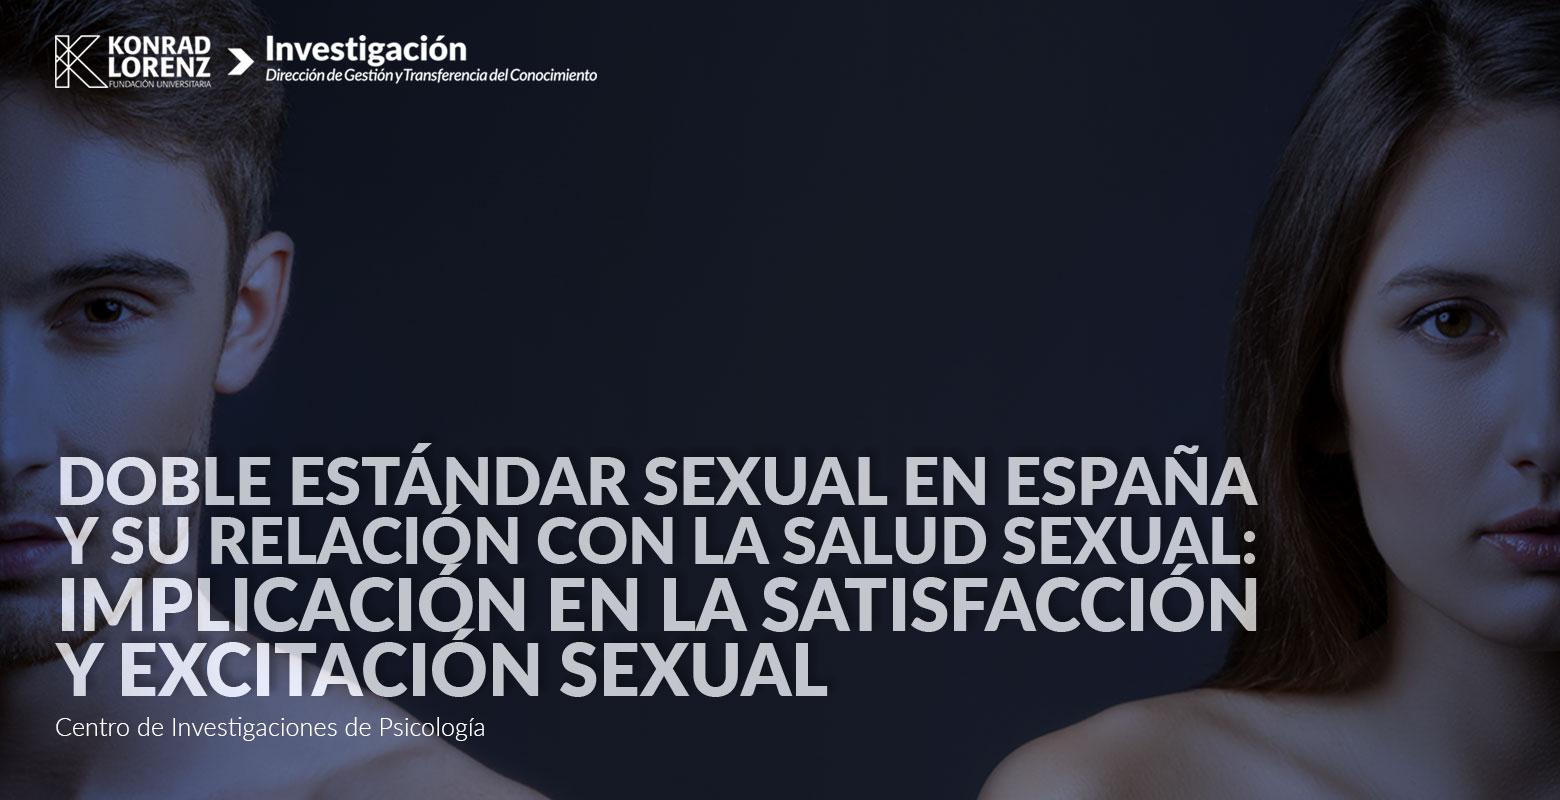 Doble estándar sexual en España y su relación con la salud sexual: implicación en la satisfacción y excitación sexual